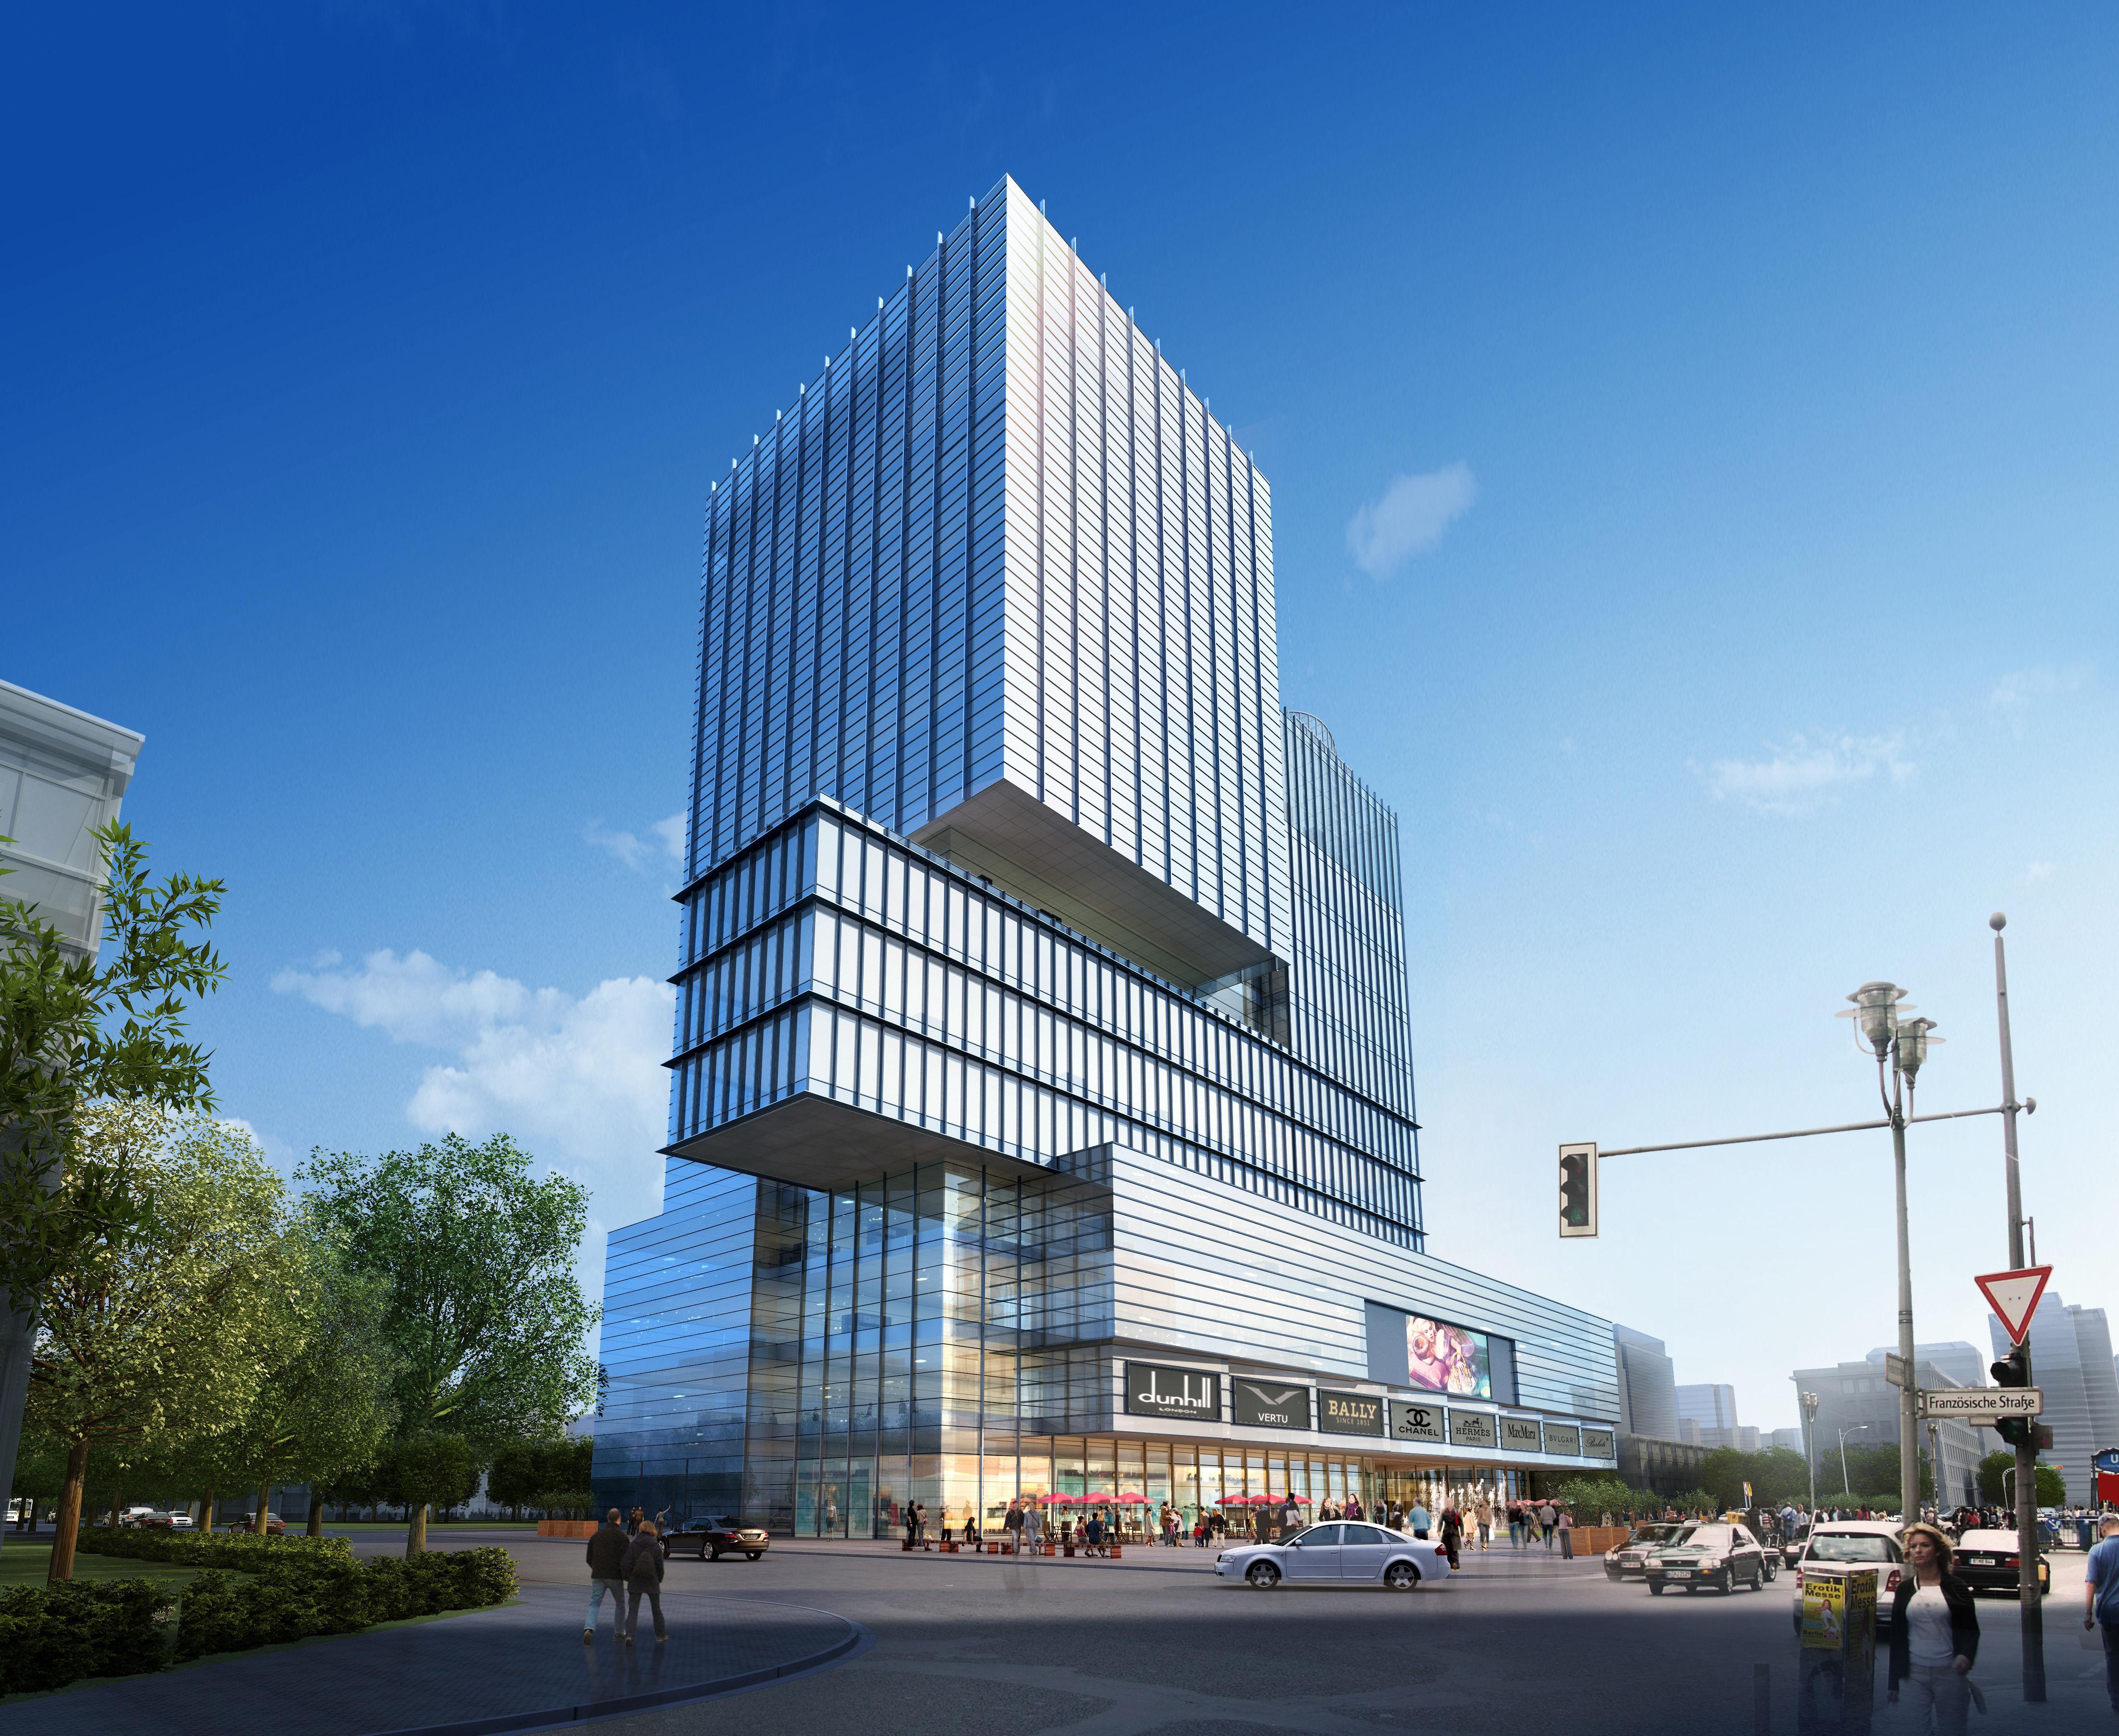 Skyscraper office building 053 3d model max tga for 3d max building